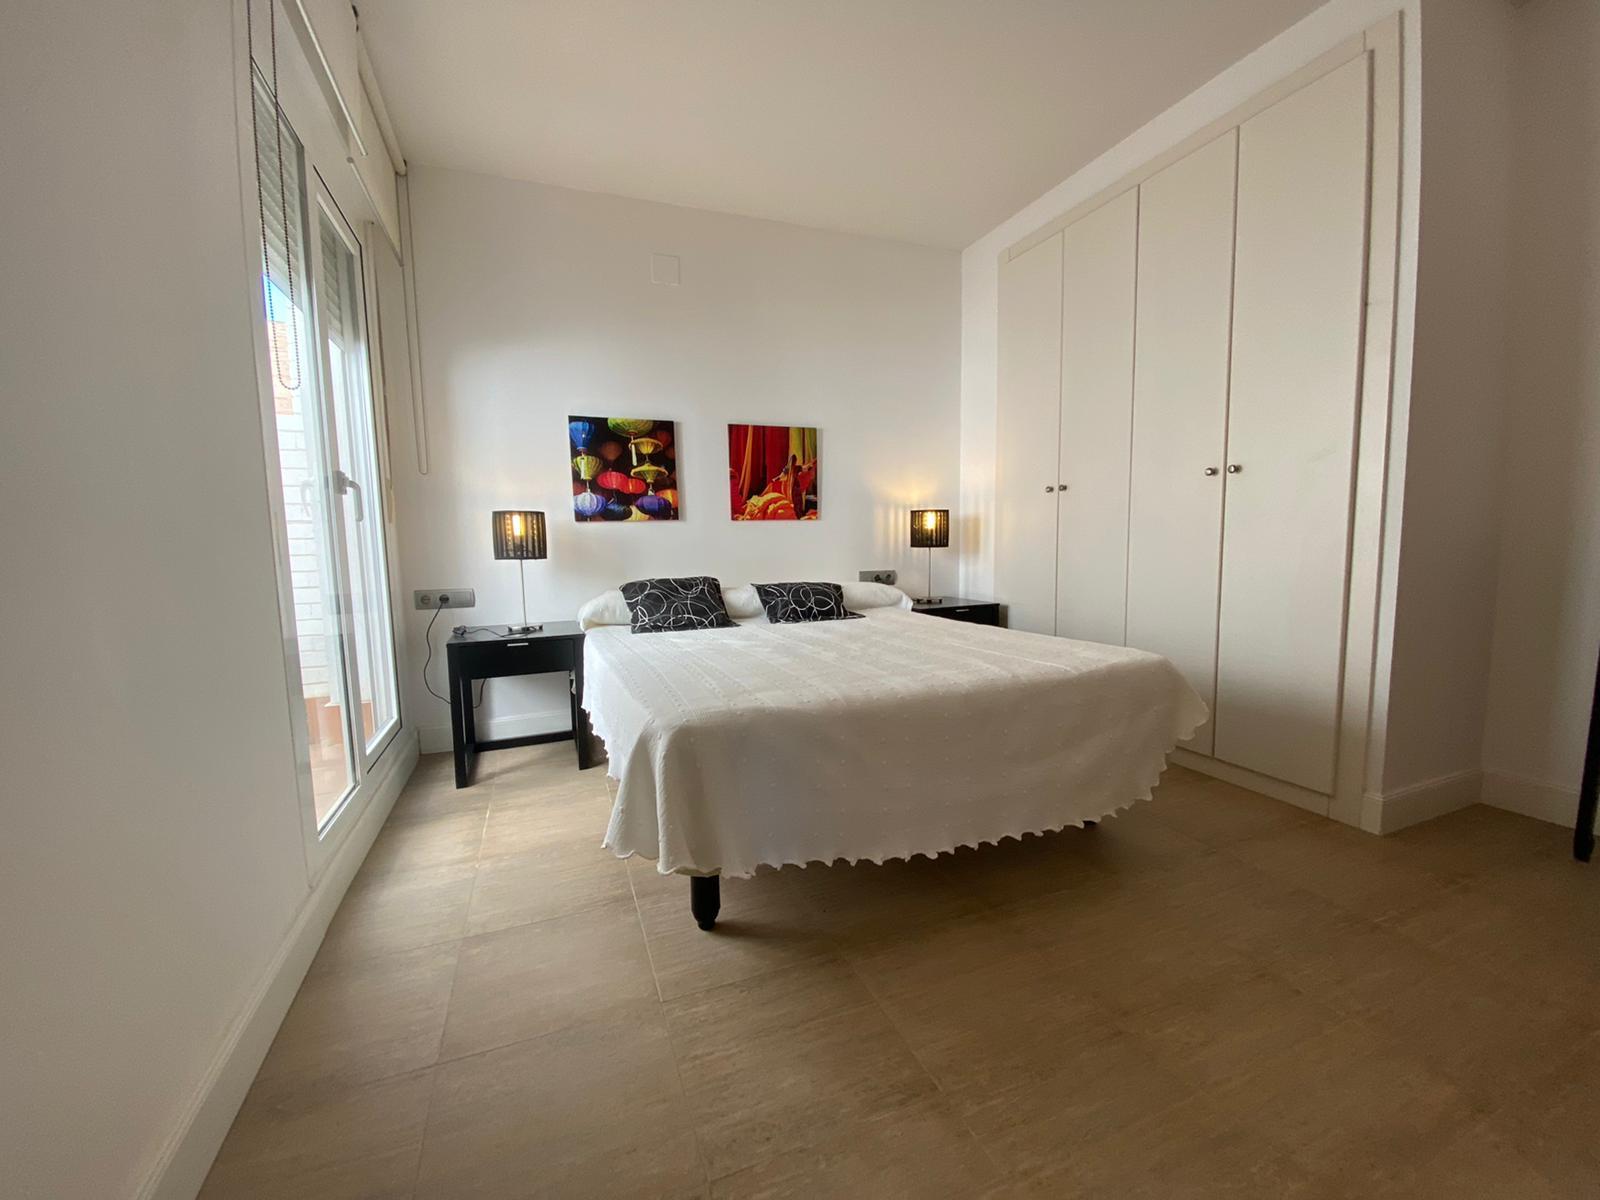 Imagen 16 del Apartamento Turístico, Ático 1 Poniente (3d+2b), Punta del Moral (HUELVA), Paseo de la Cruz nº22